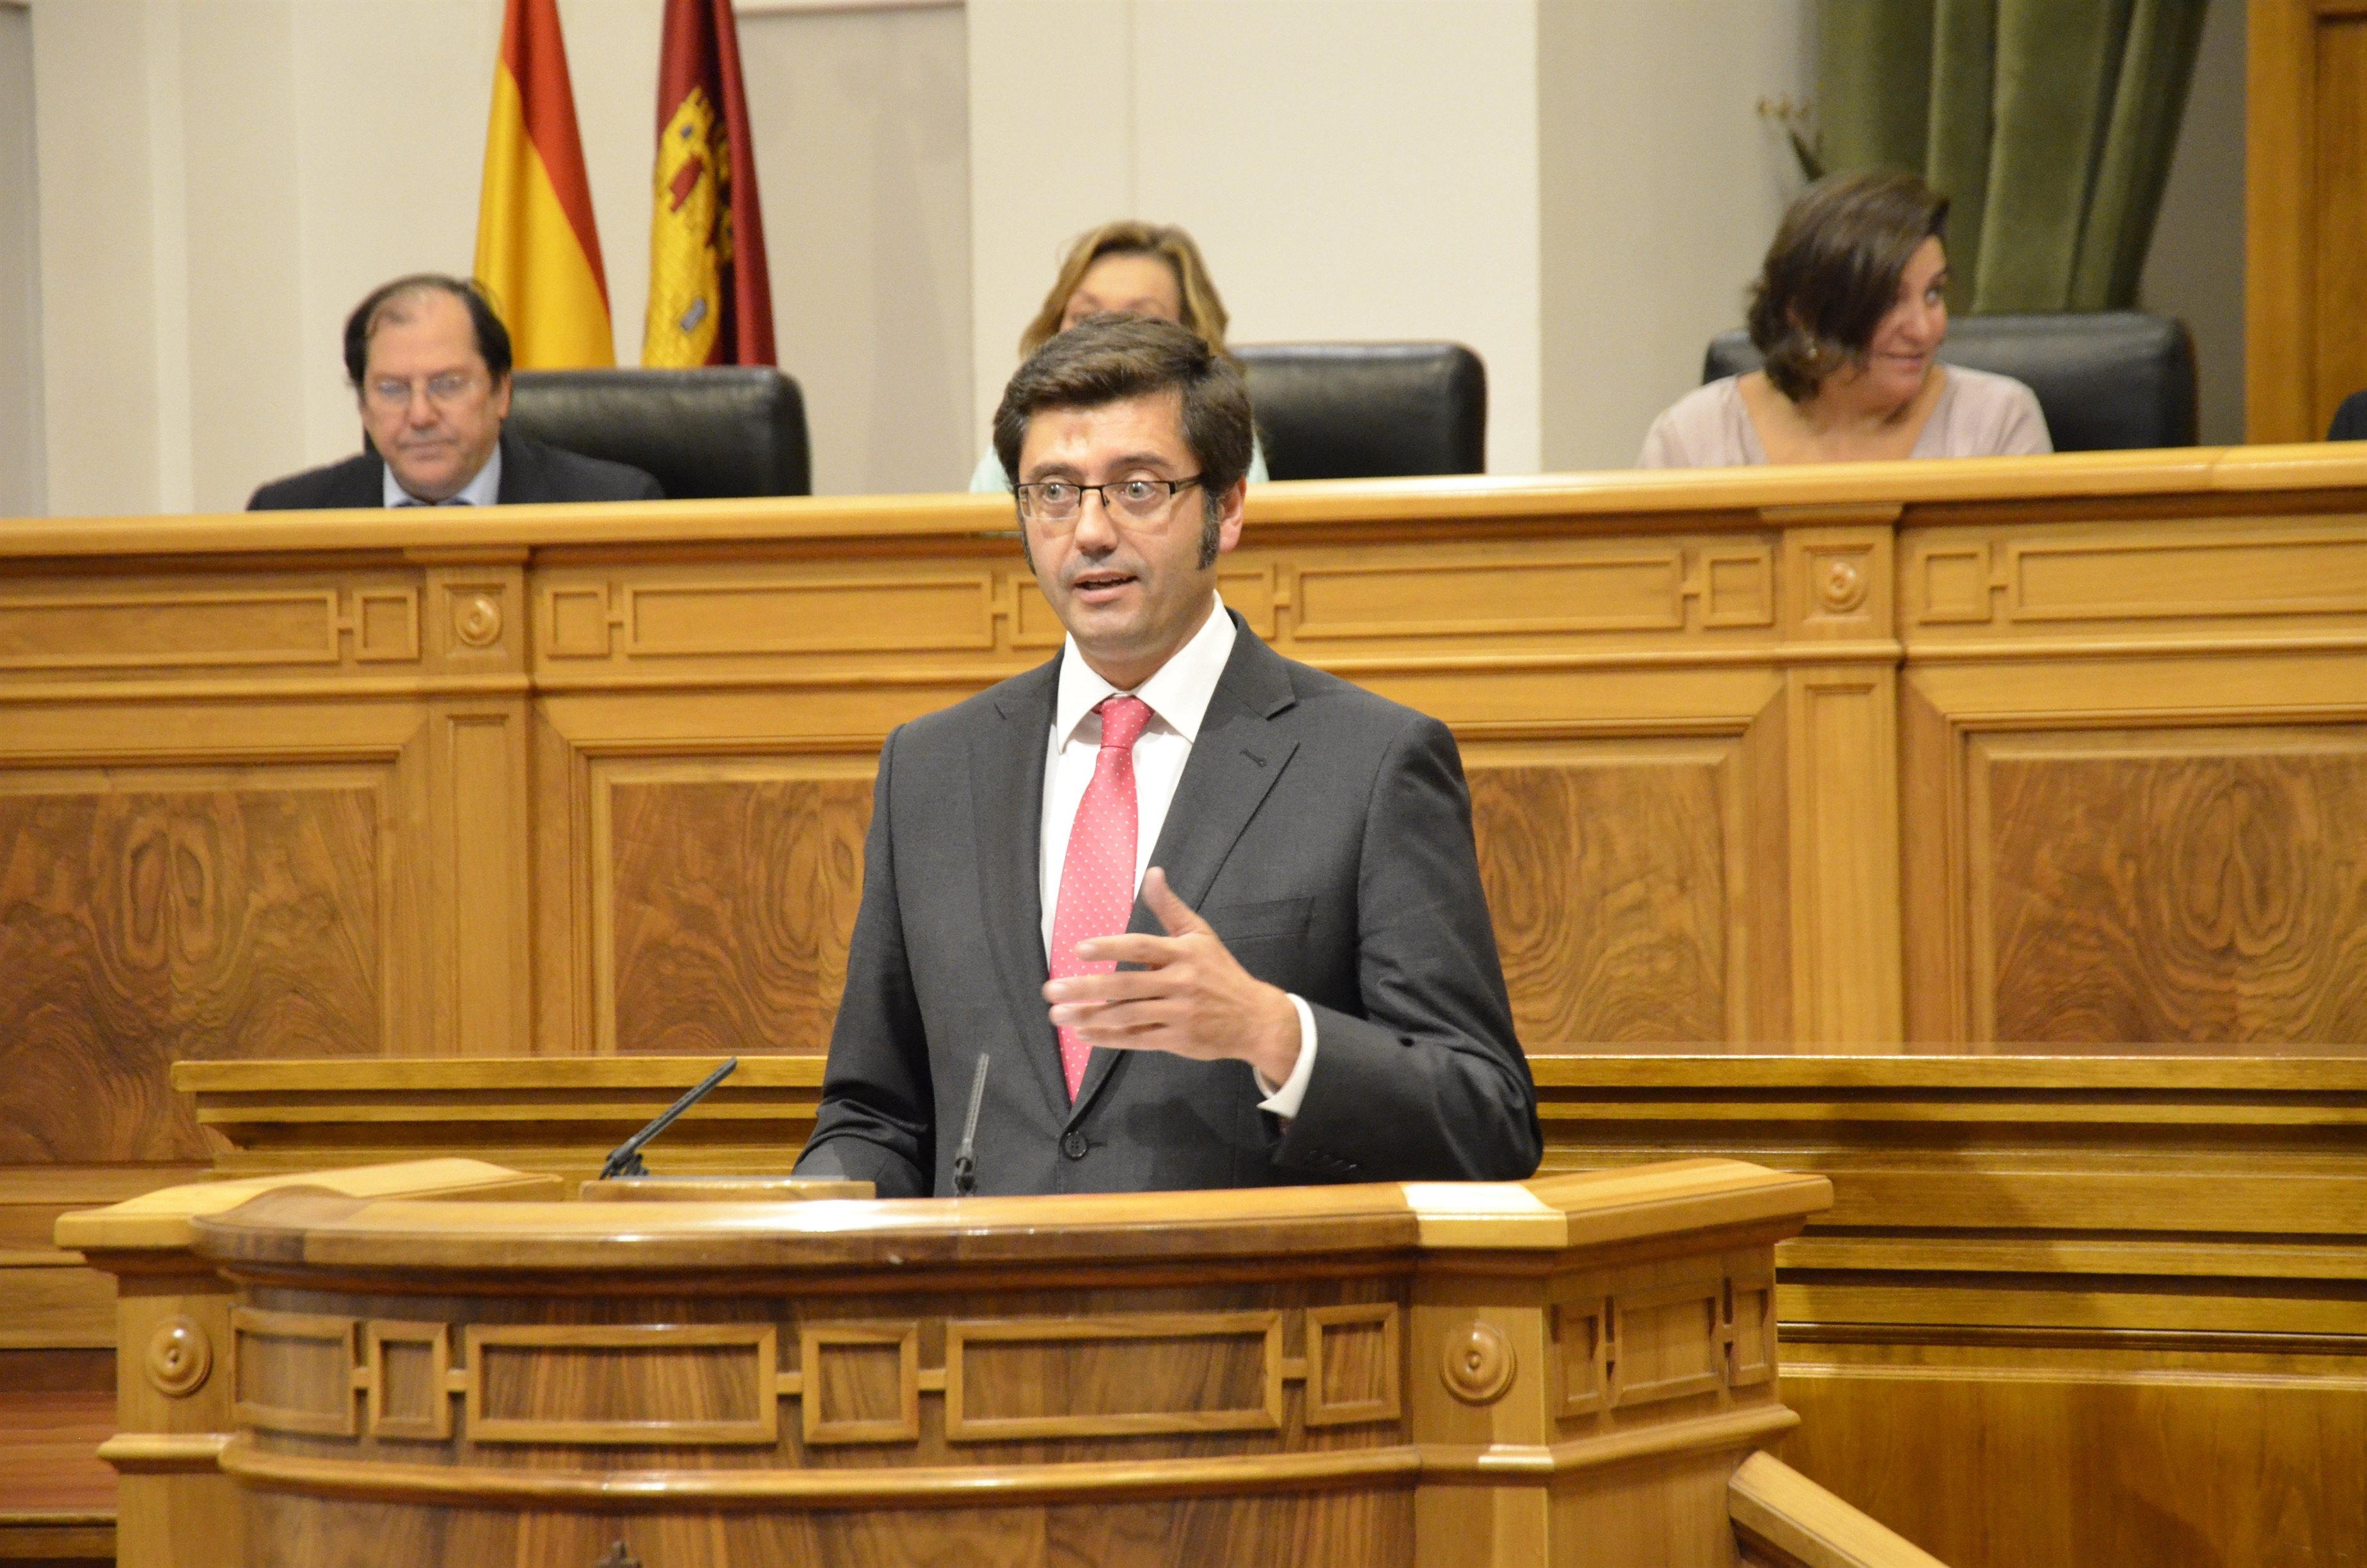 Romaní renueva su compromiso de saldar toda la deuda de la Junta con los ayuntamientos de C-LM a final de 2013